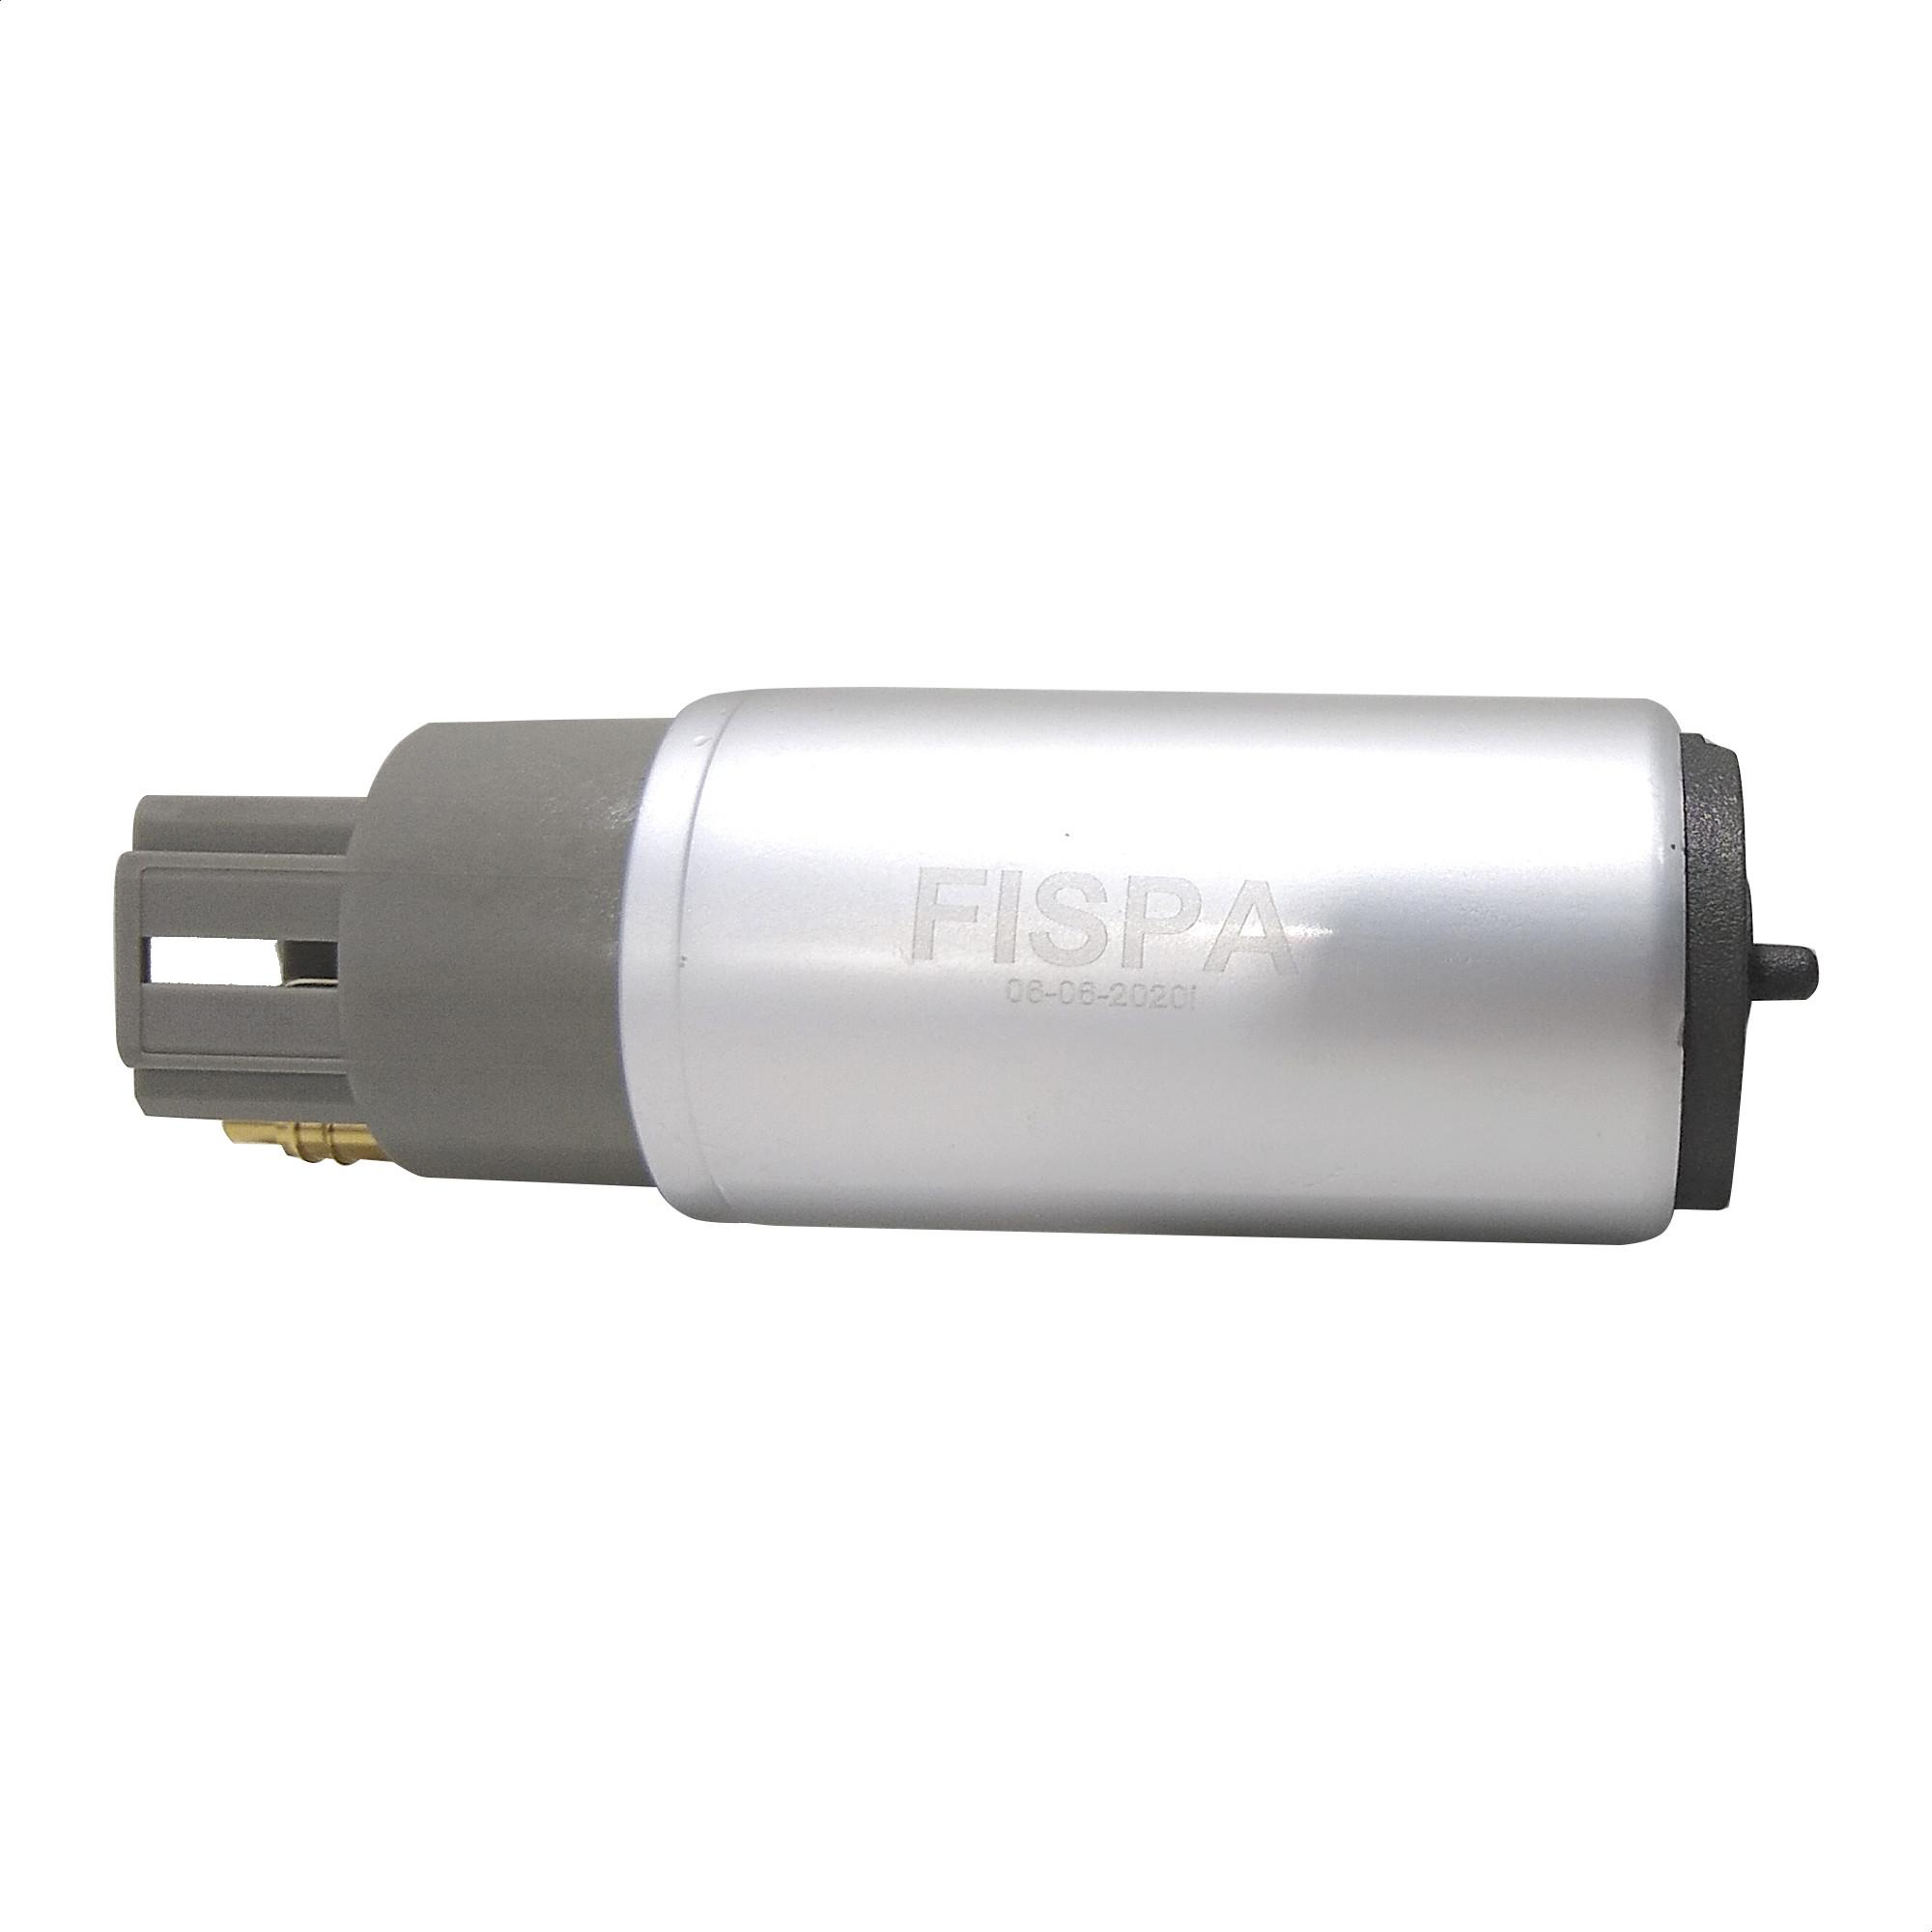 Bomba Electrica Fispa 64028 Chevrolet Spin 1.8